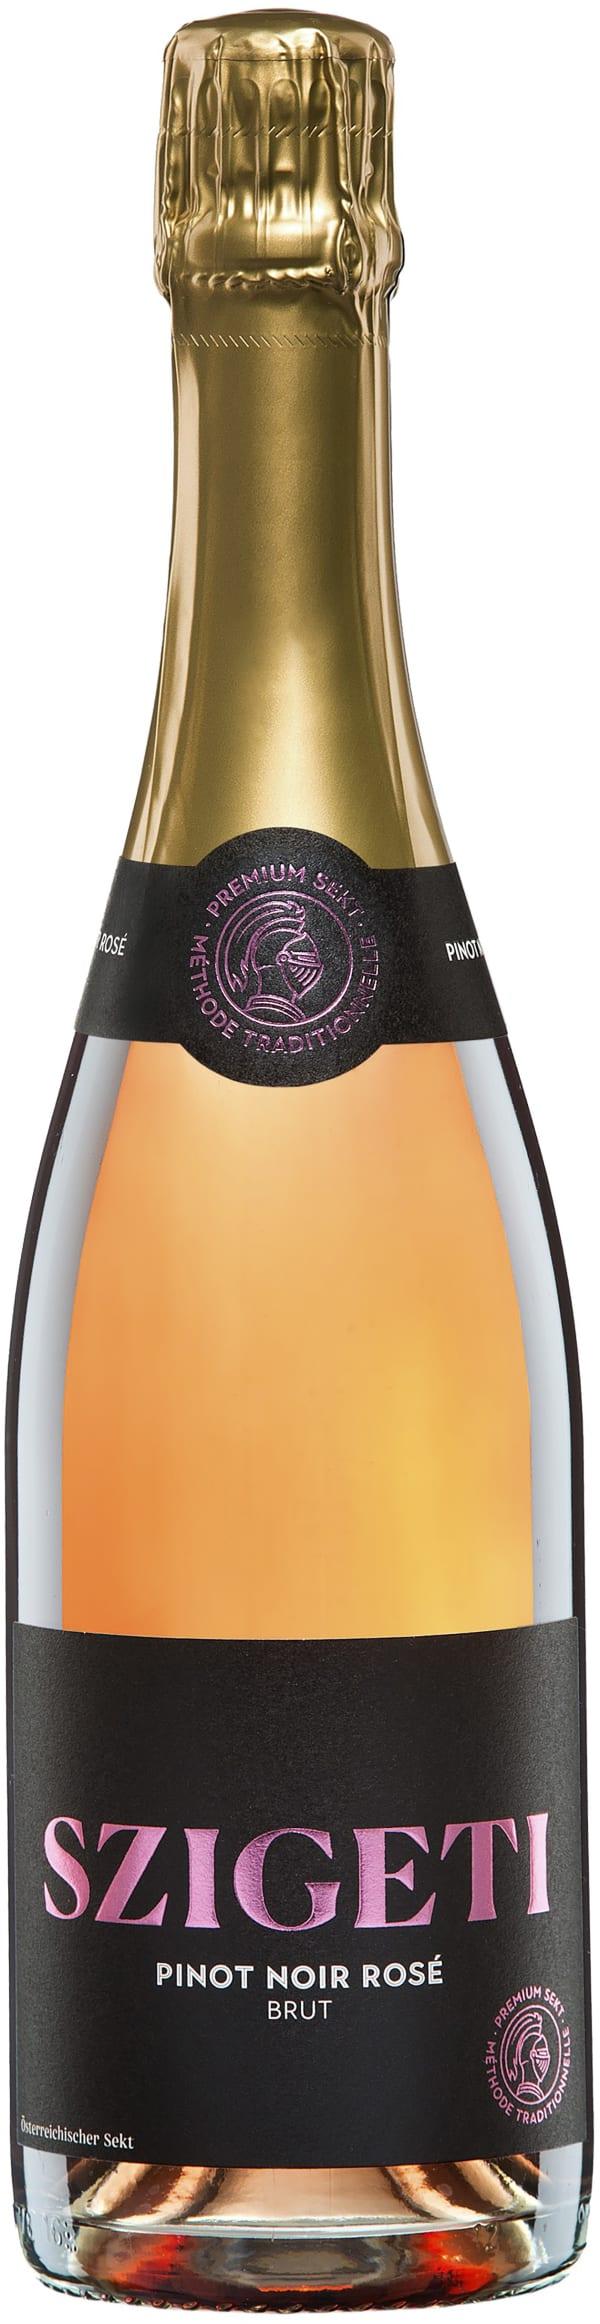 Szigeti Pinot Noir Rosé Brut 2013